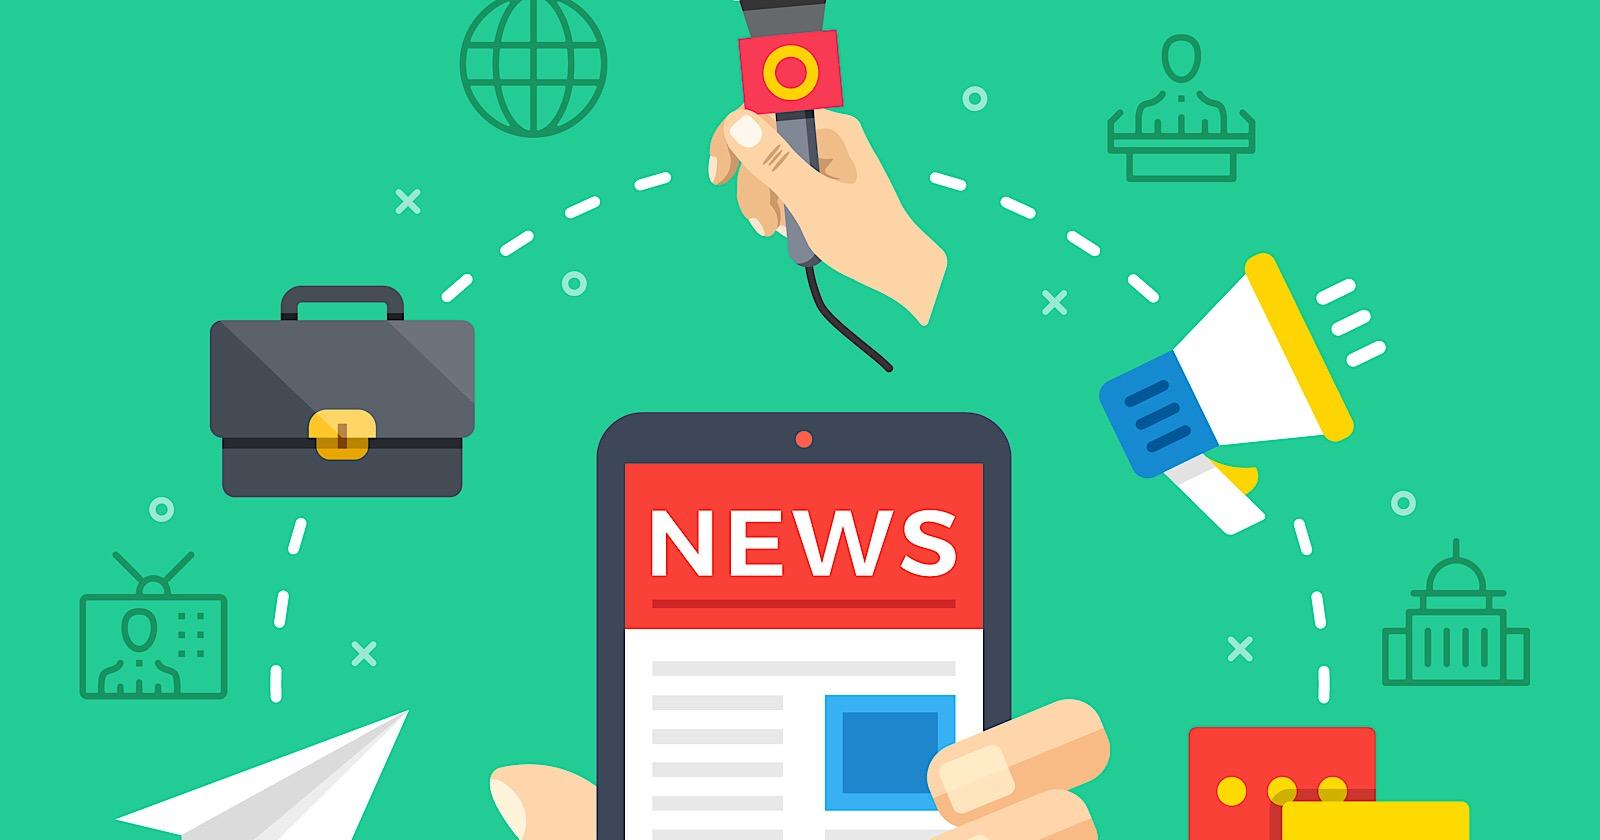 Google met à jour ses classements pour favoriser les reportages originaux